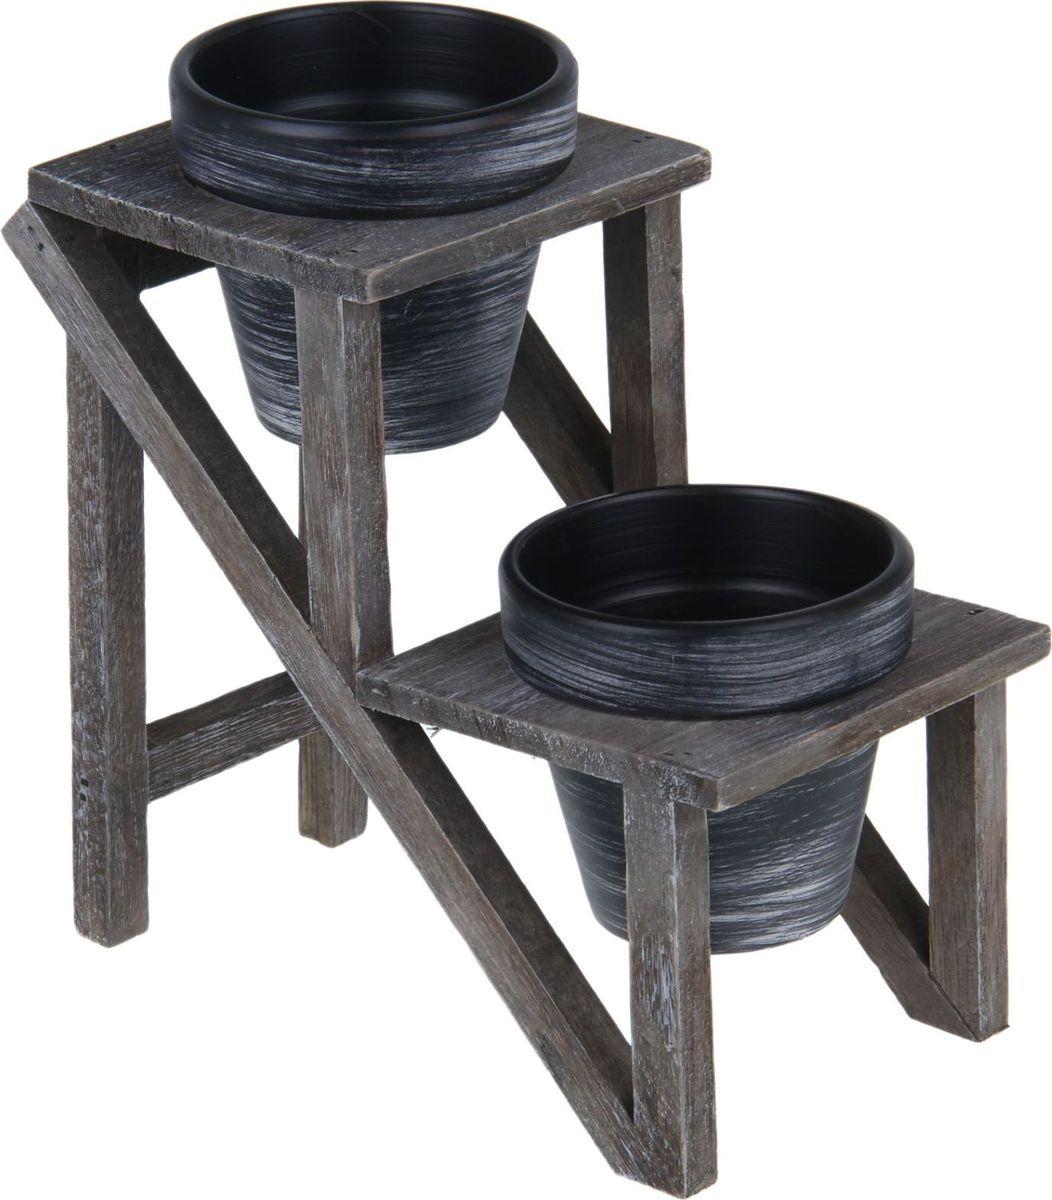 Кашпо Лесенка, на подставке, 12 х 22 х 25 см1259006Каждому из растений необходим свой удобный и красивый дом. Поселите зелёного питомца в яркое и оригинальное фигурное кашпо на деревянной подставке Лесенка. Кашпо из керамики прекрасно подходят для высадки растений за счёт пластичности глины и разных способов обработки существует великое множество форм и дизайнов. Пористый материал позволяет испаряться лишней влаге; воздух, необходимый для дыхания корней, проникает сквозь керамические стенки!